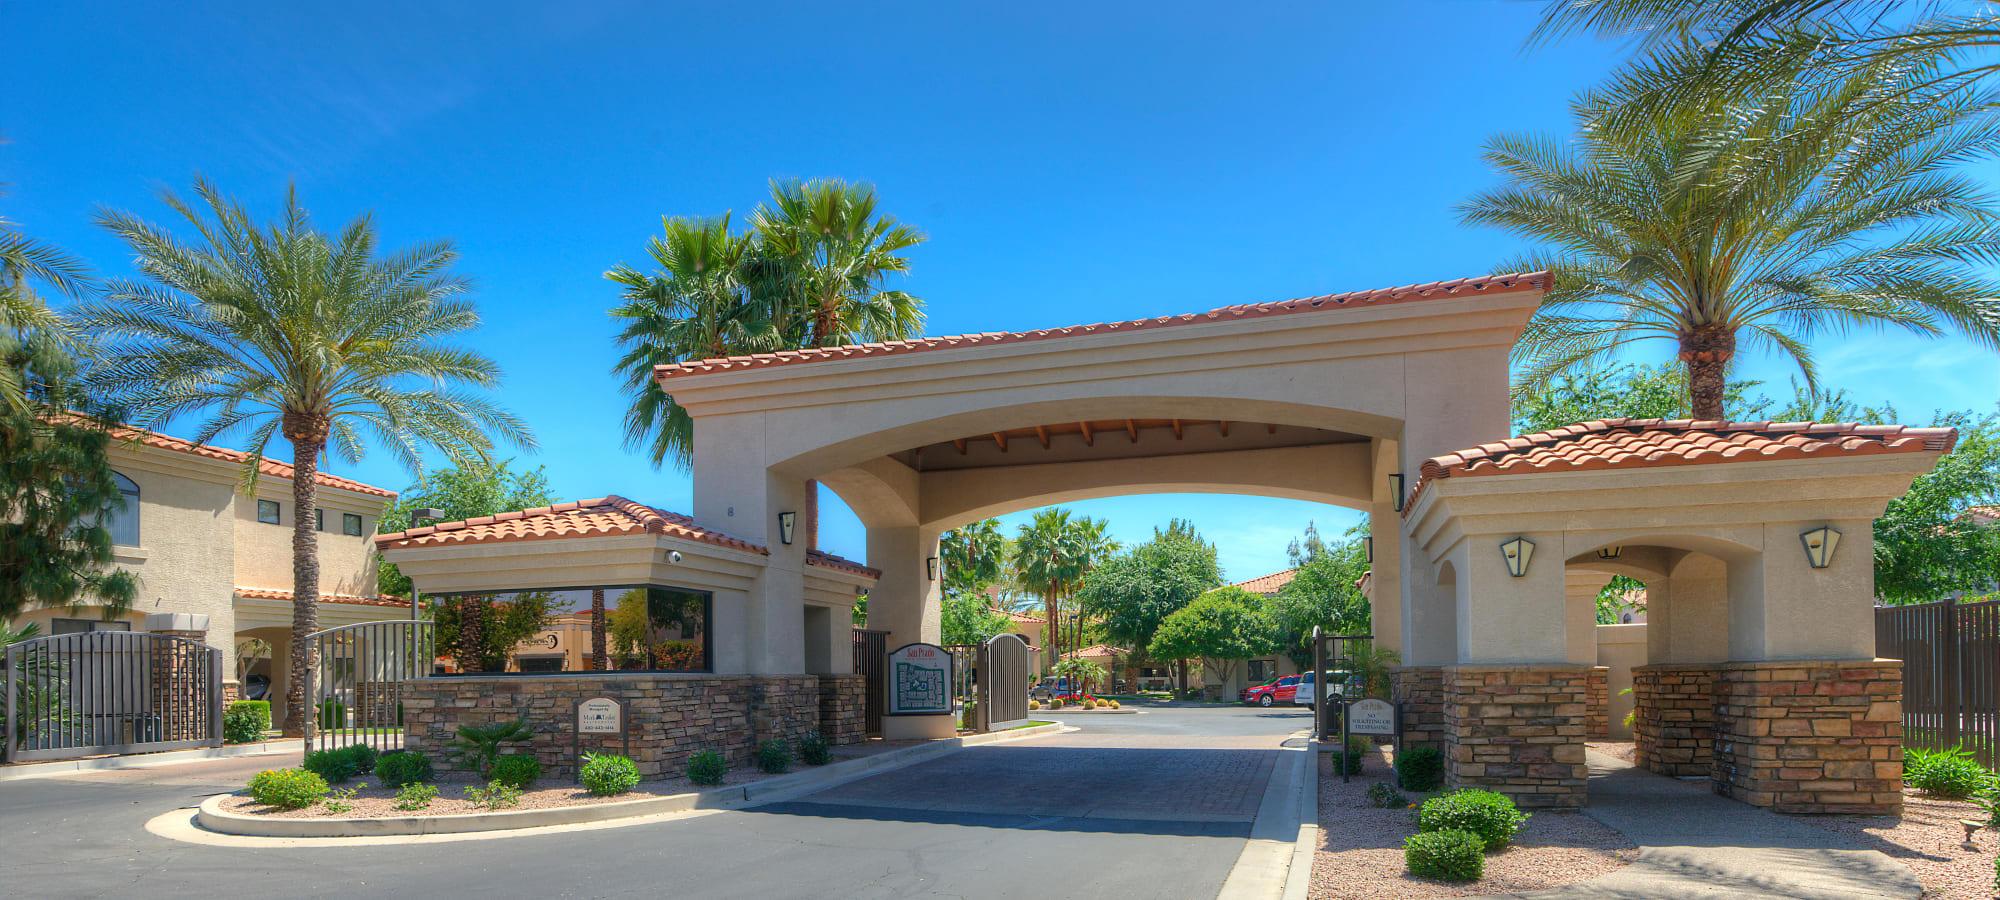 Entryway to San Prado in Glendale, Arizona